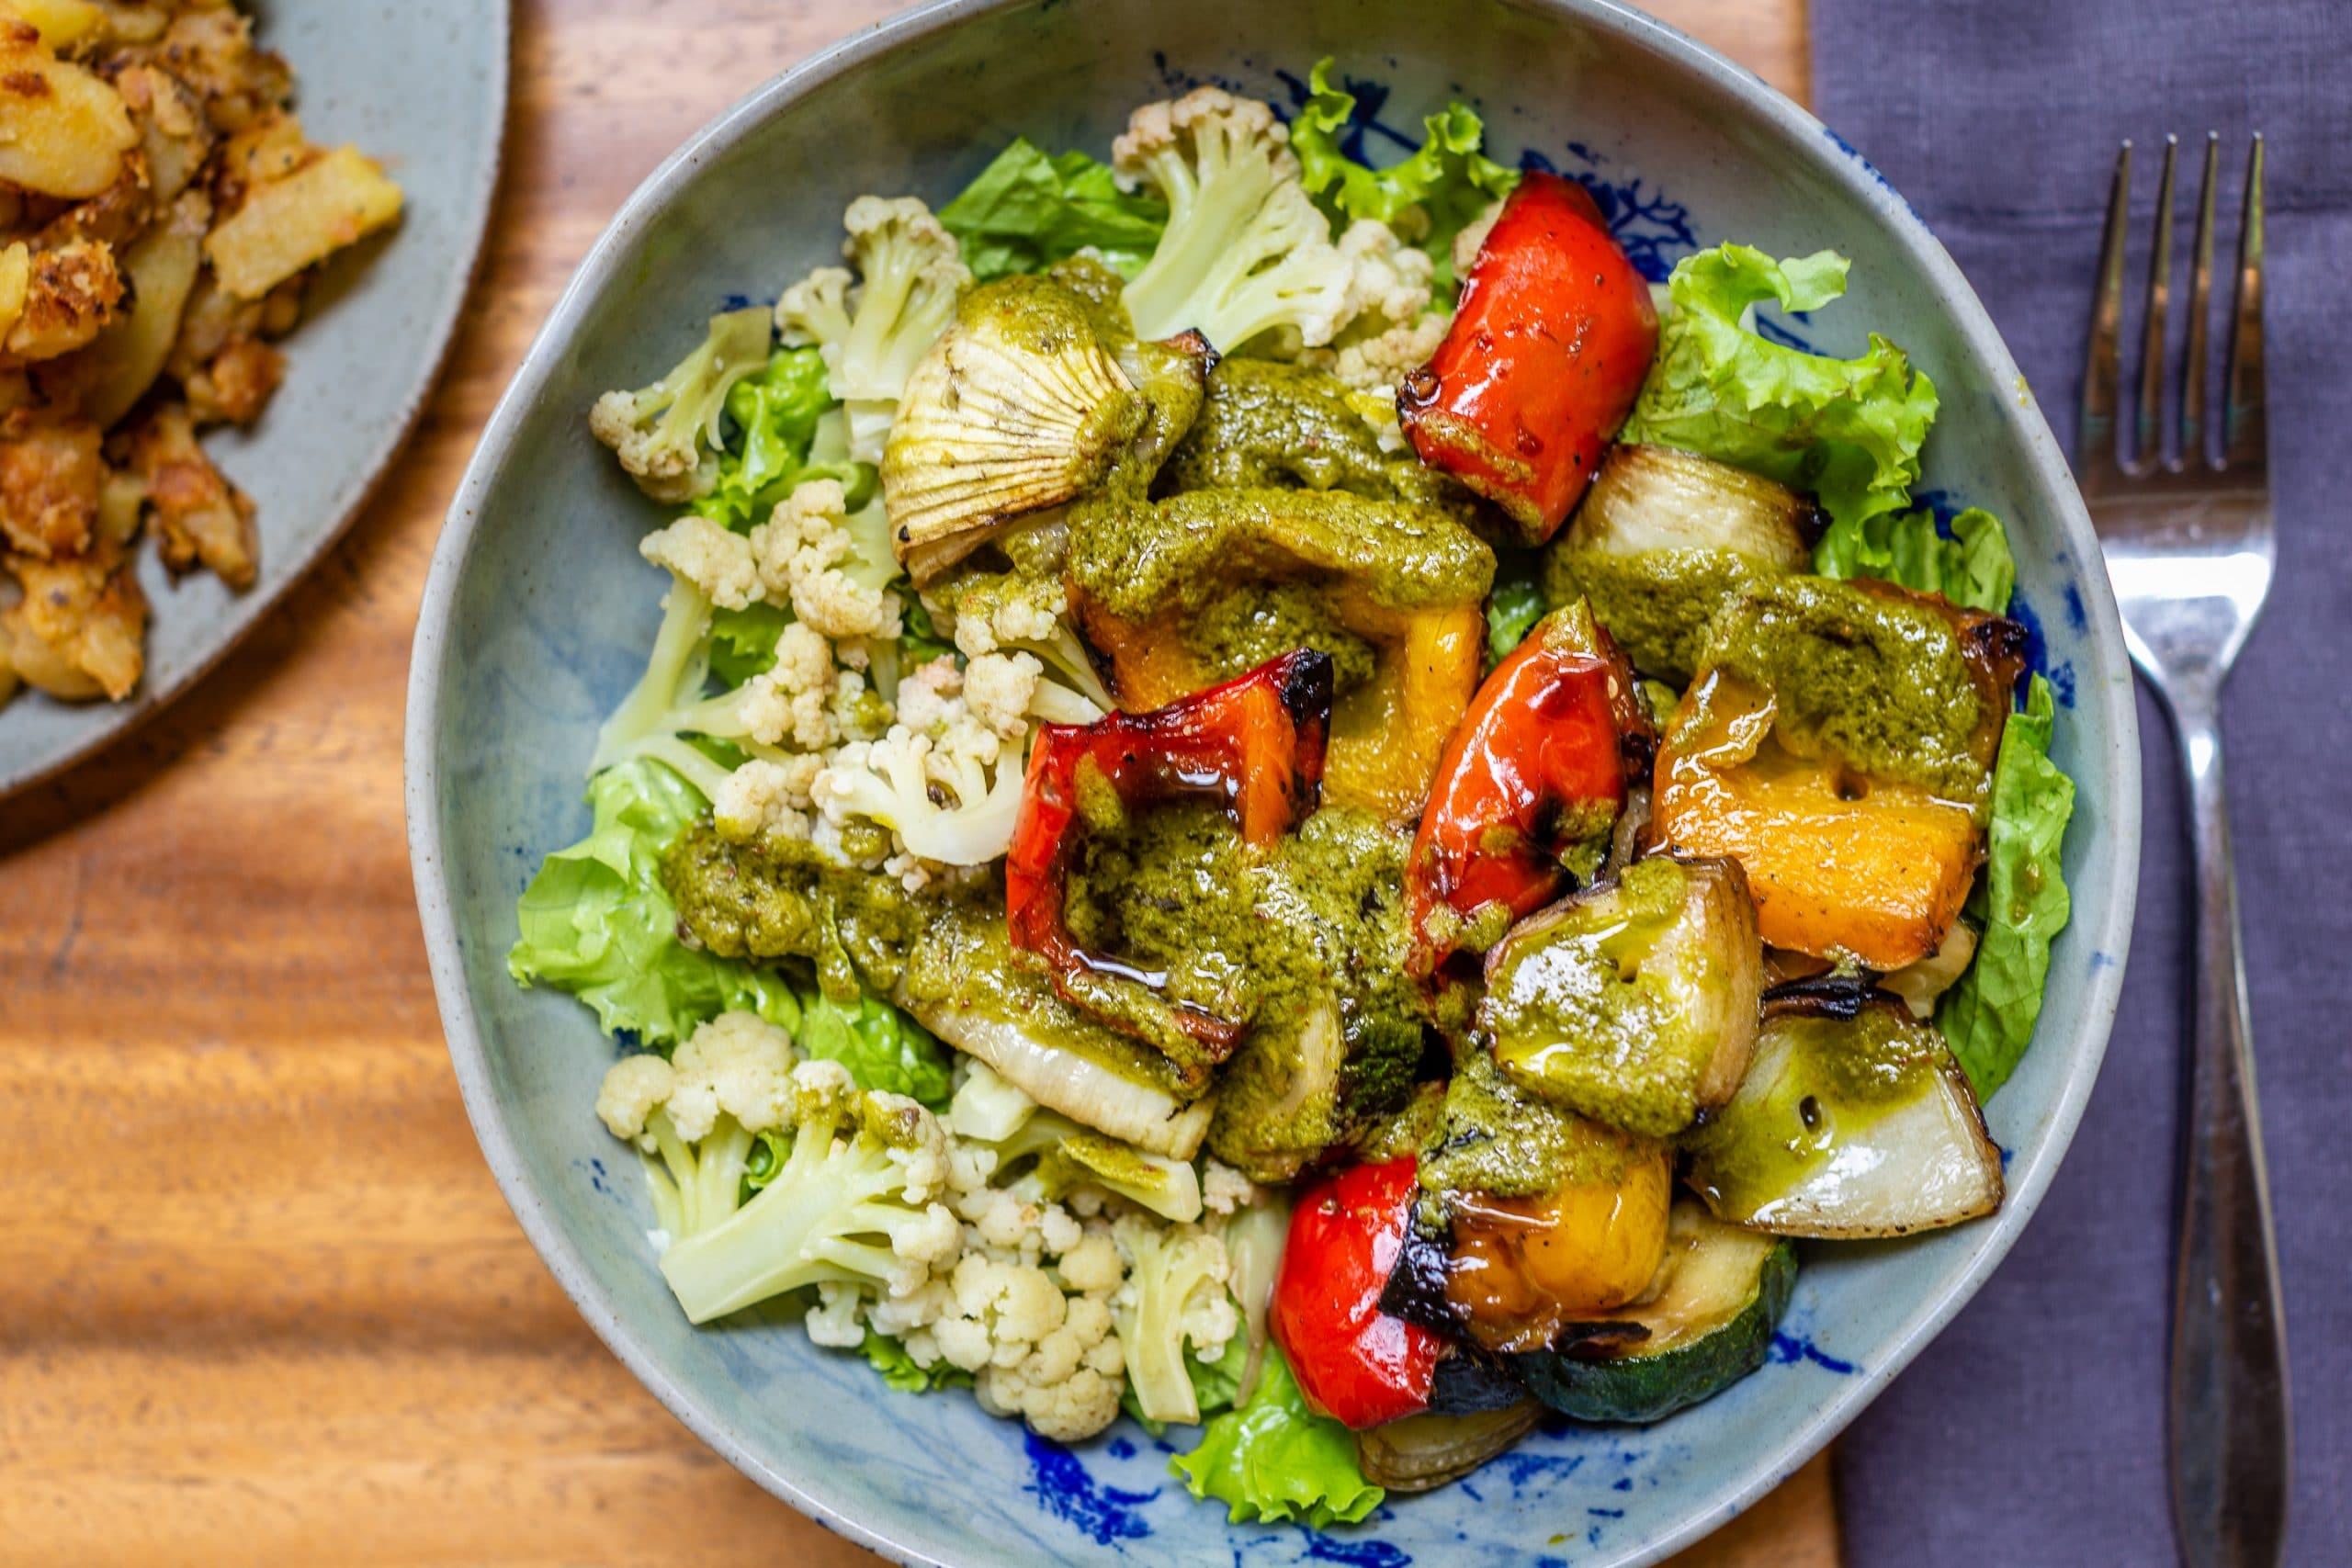 Chimichurri Sauce with Cilantro Salad